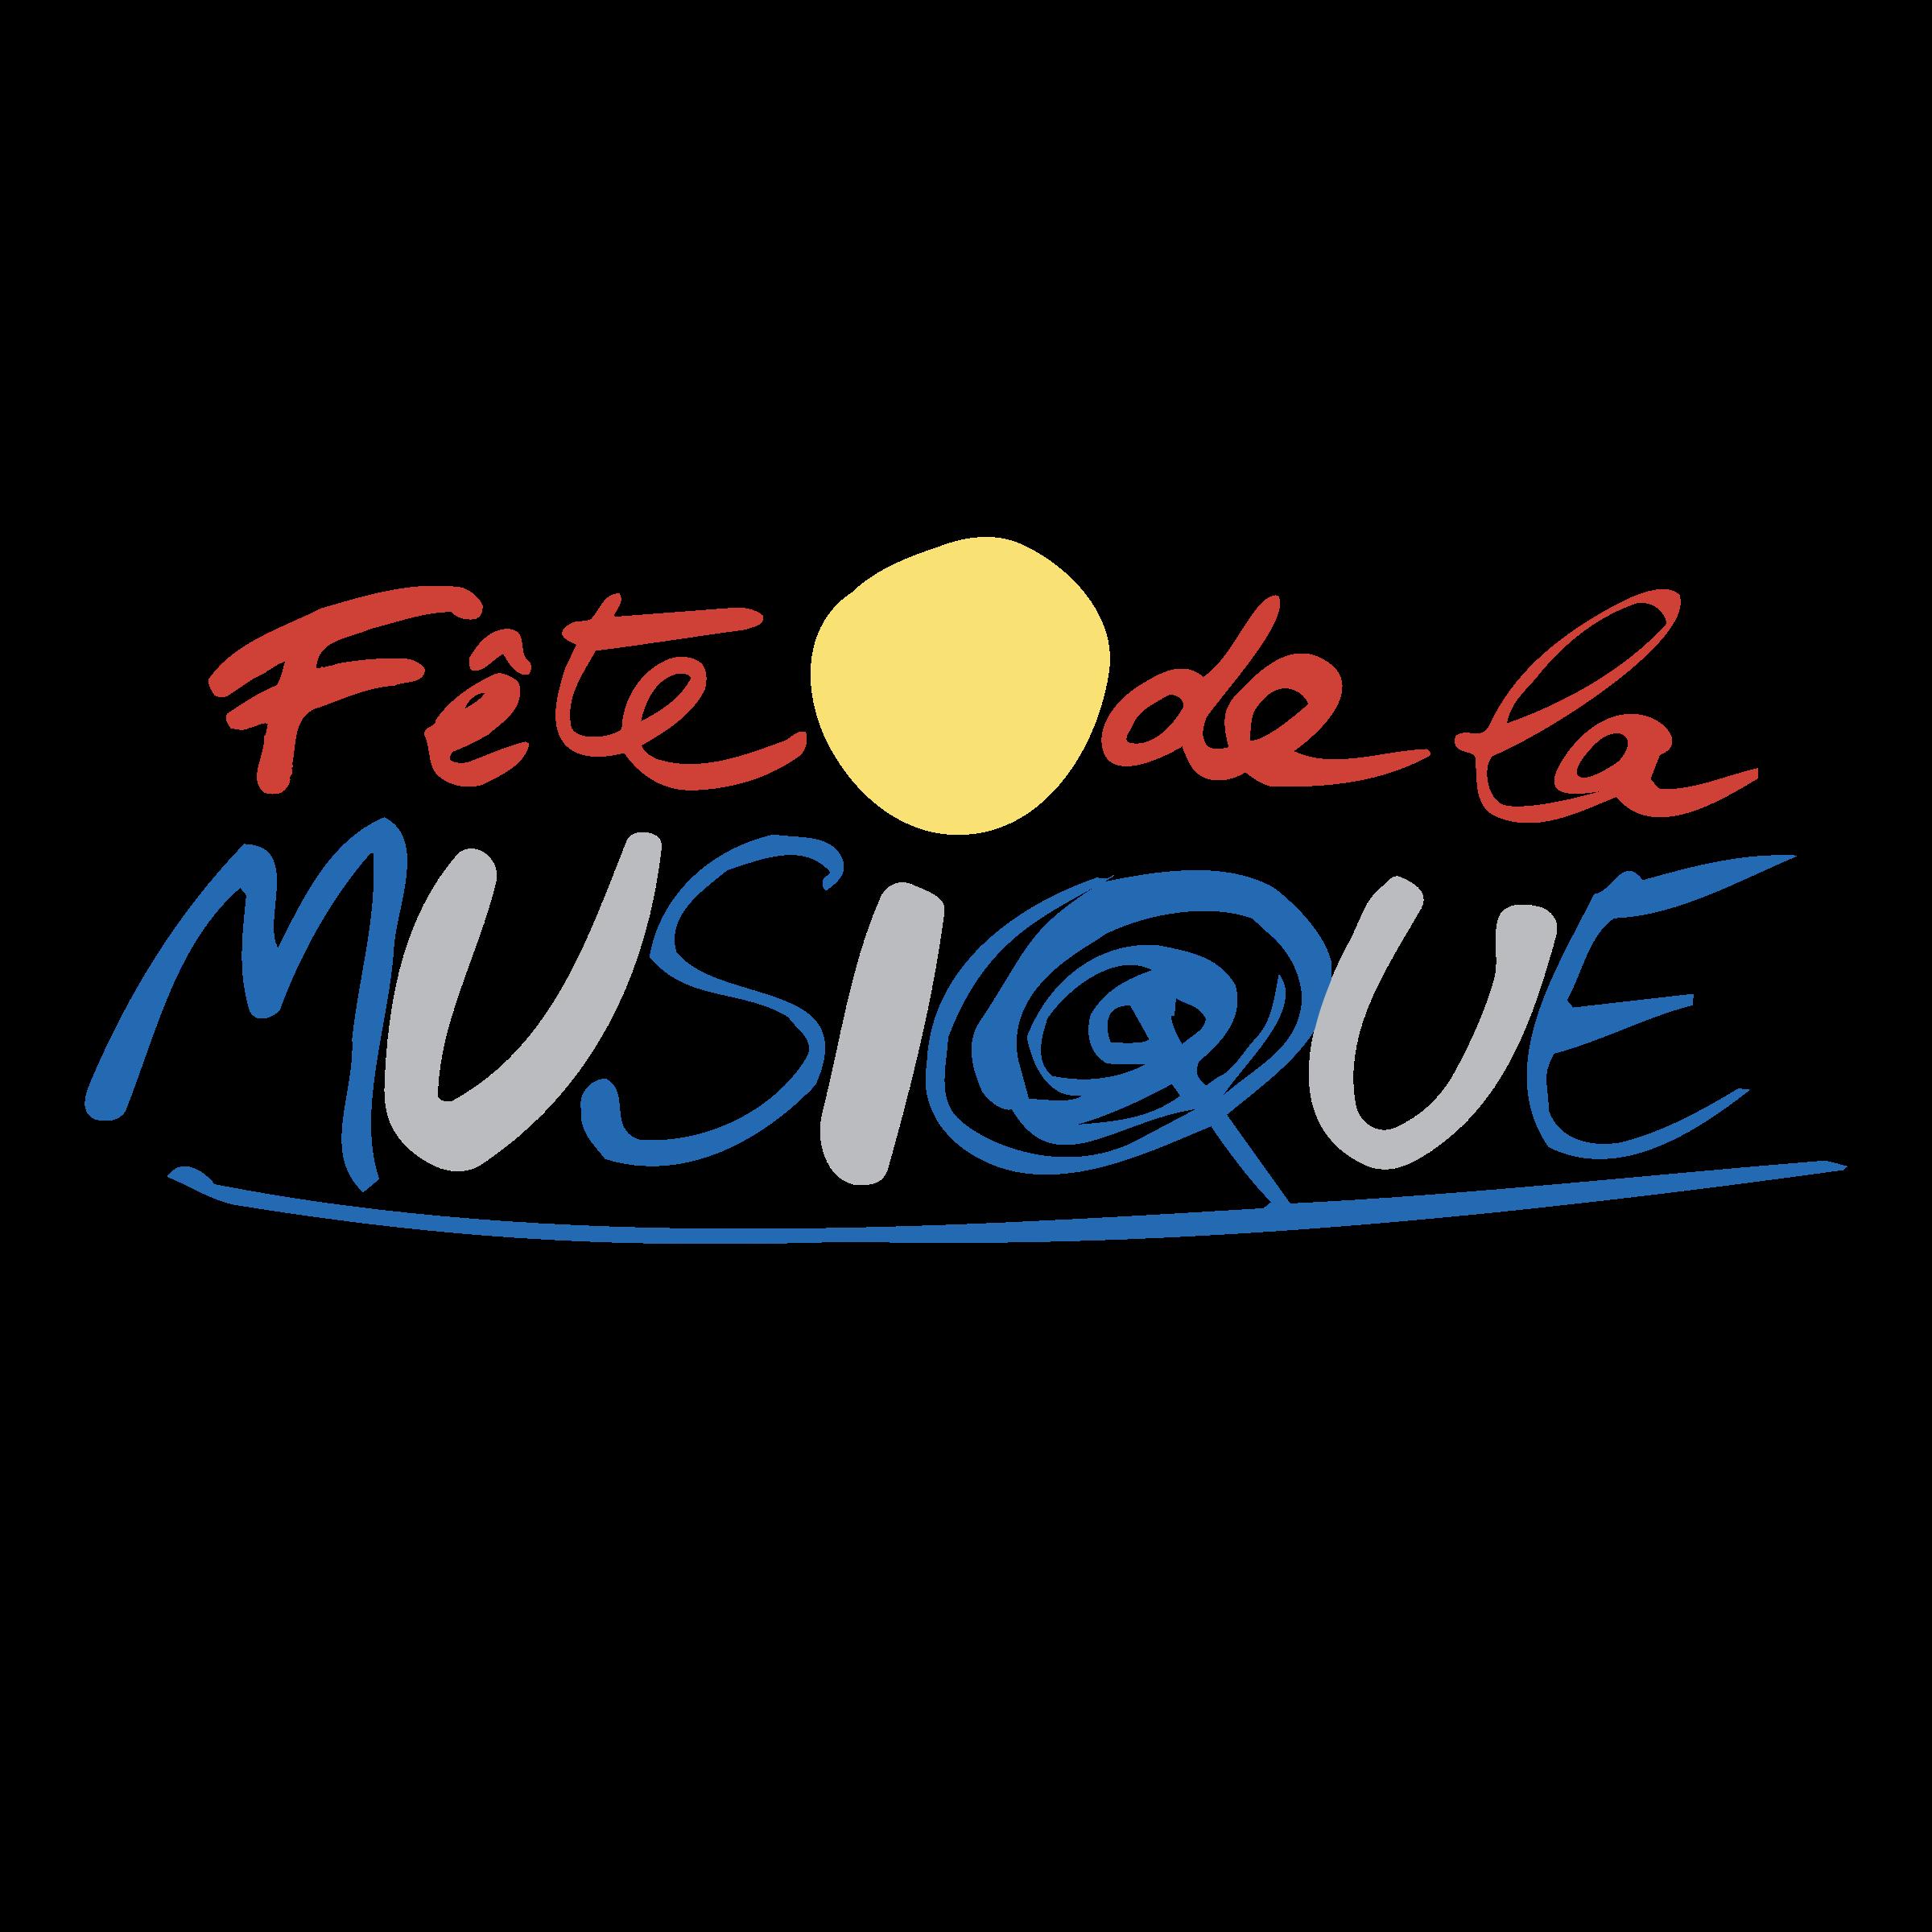 fete-de-la-musique-logo-png-transparent.png